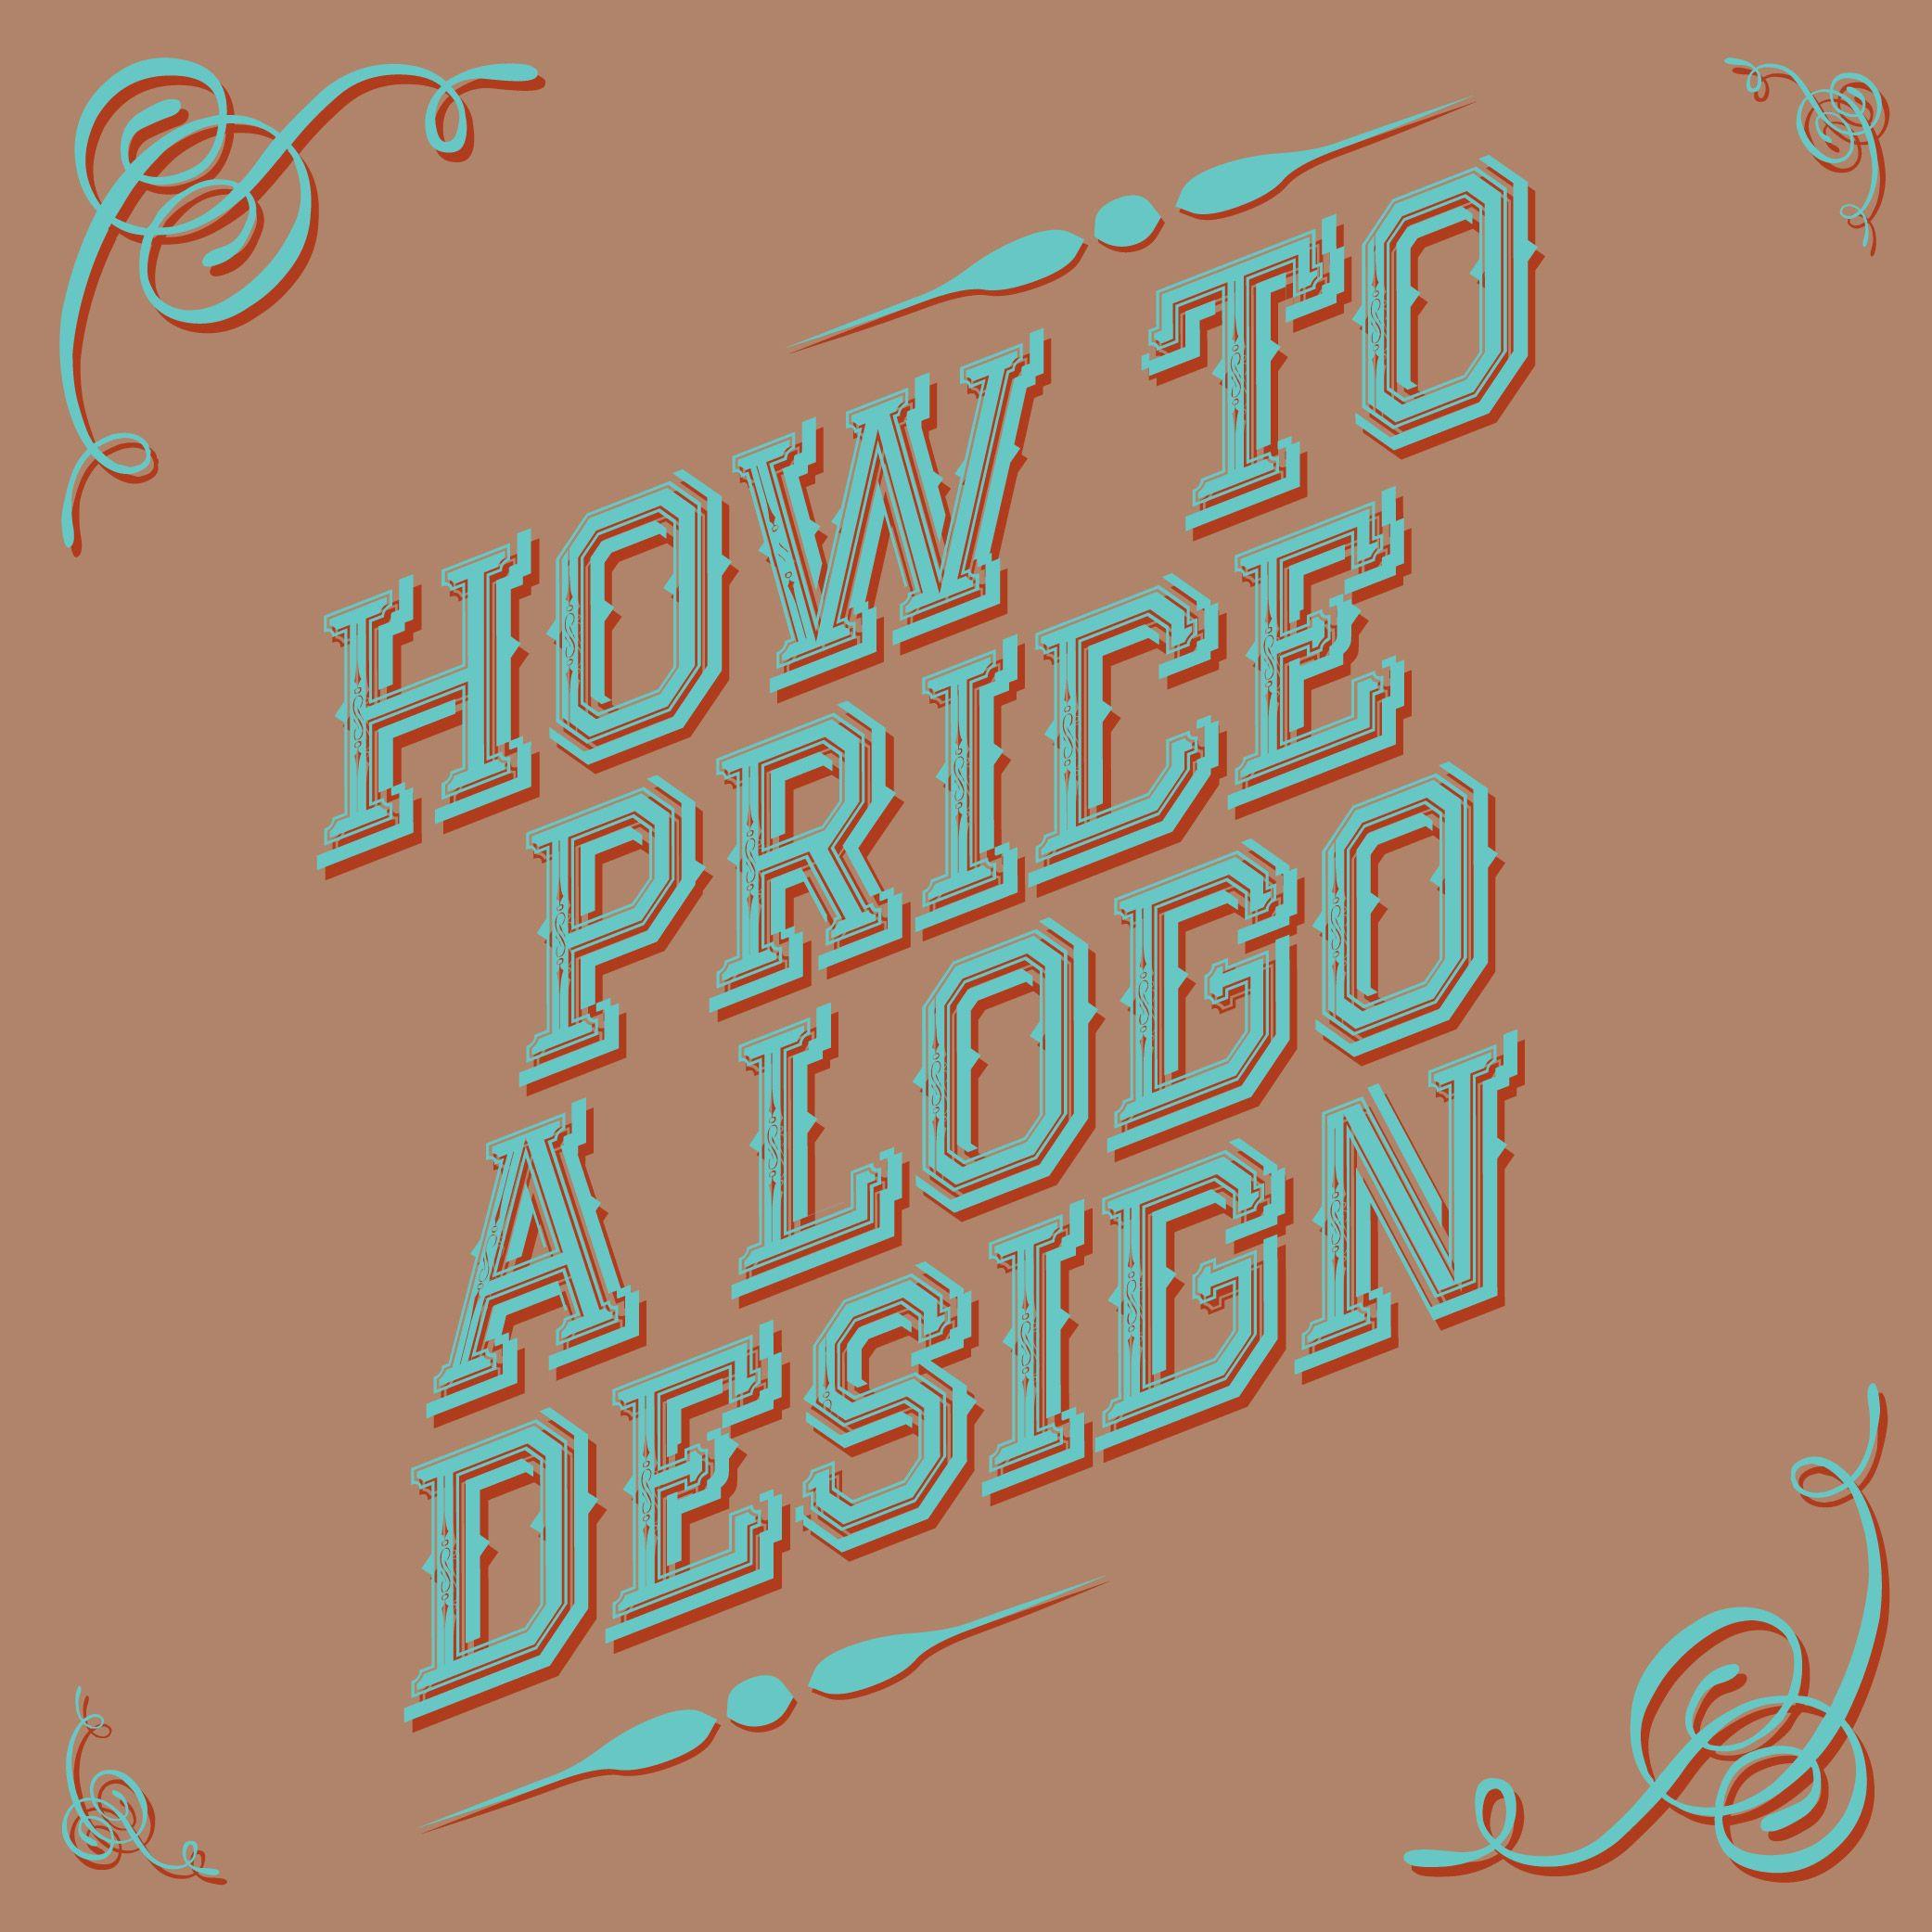 les 25 meilleures id u00e9es de la cat u00e9gorie logo design studio pro sur pinterest